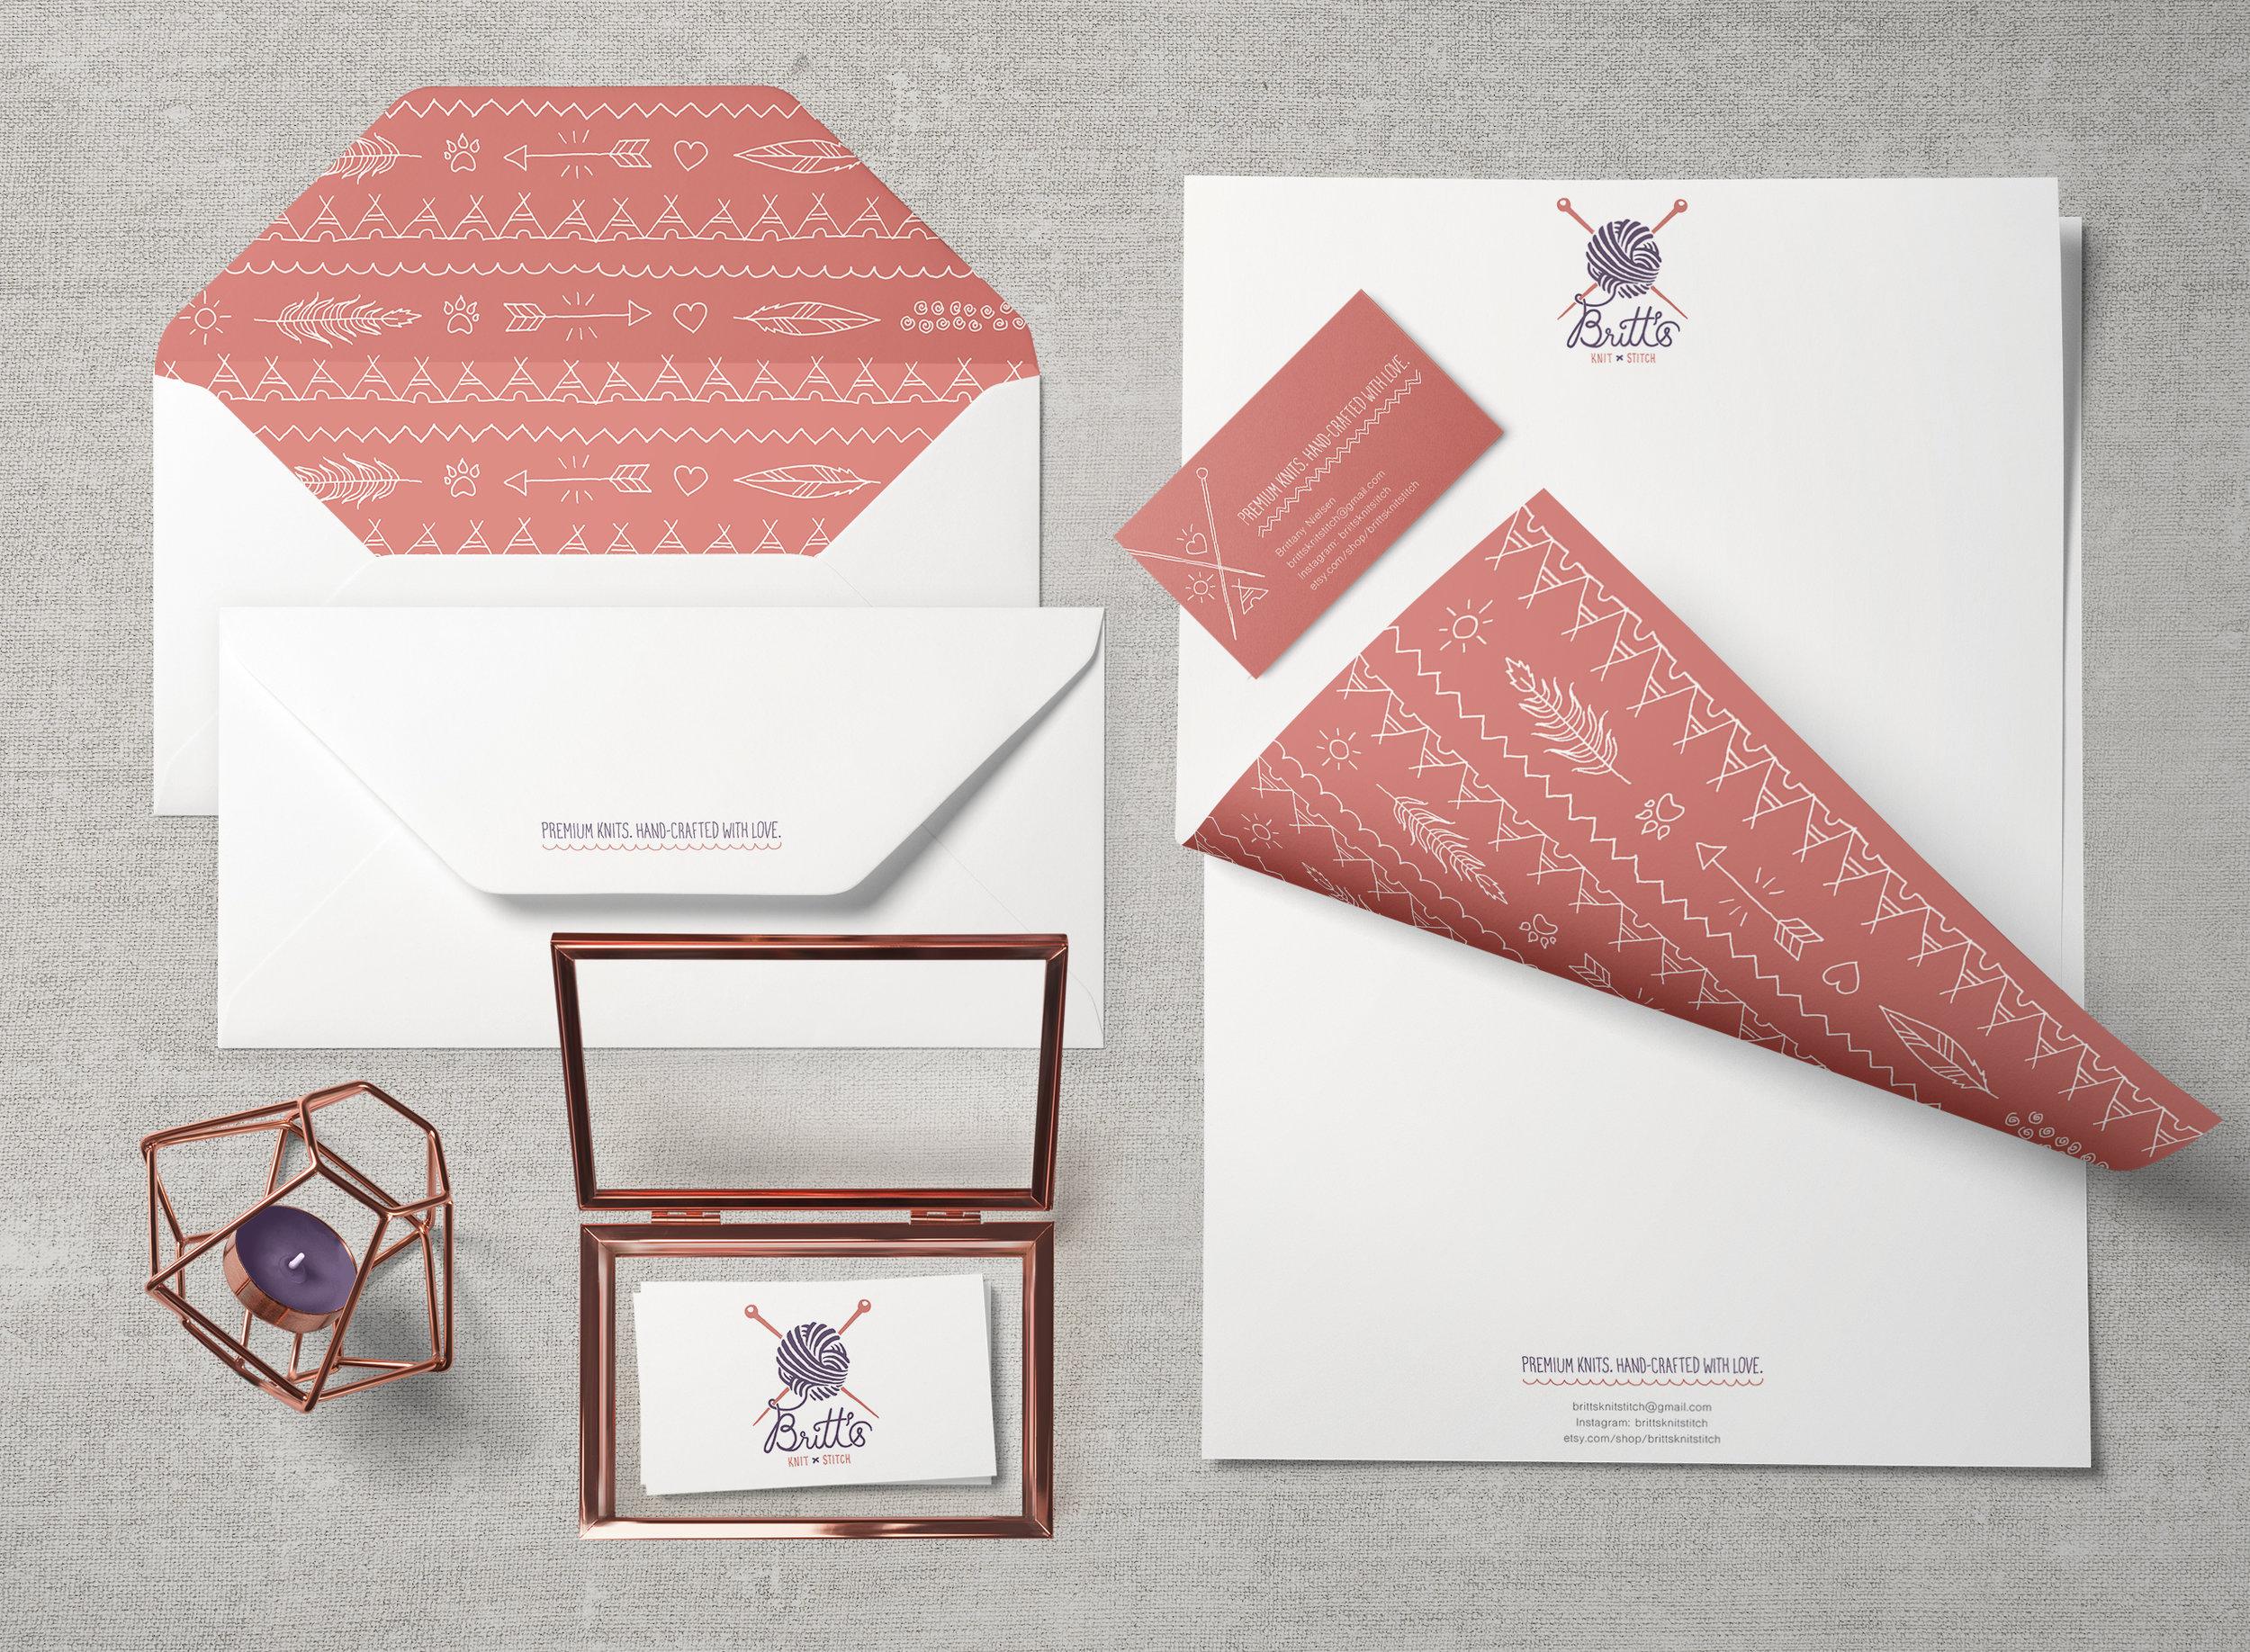 Business card v2.jpg